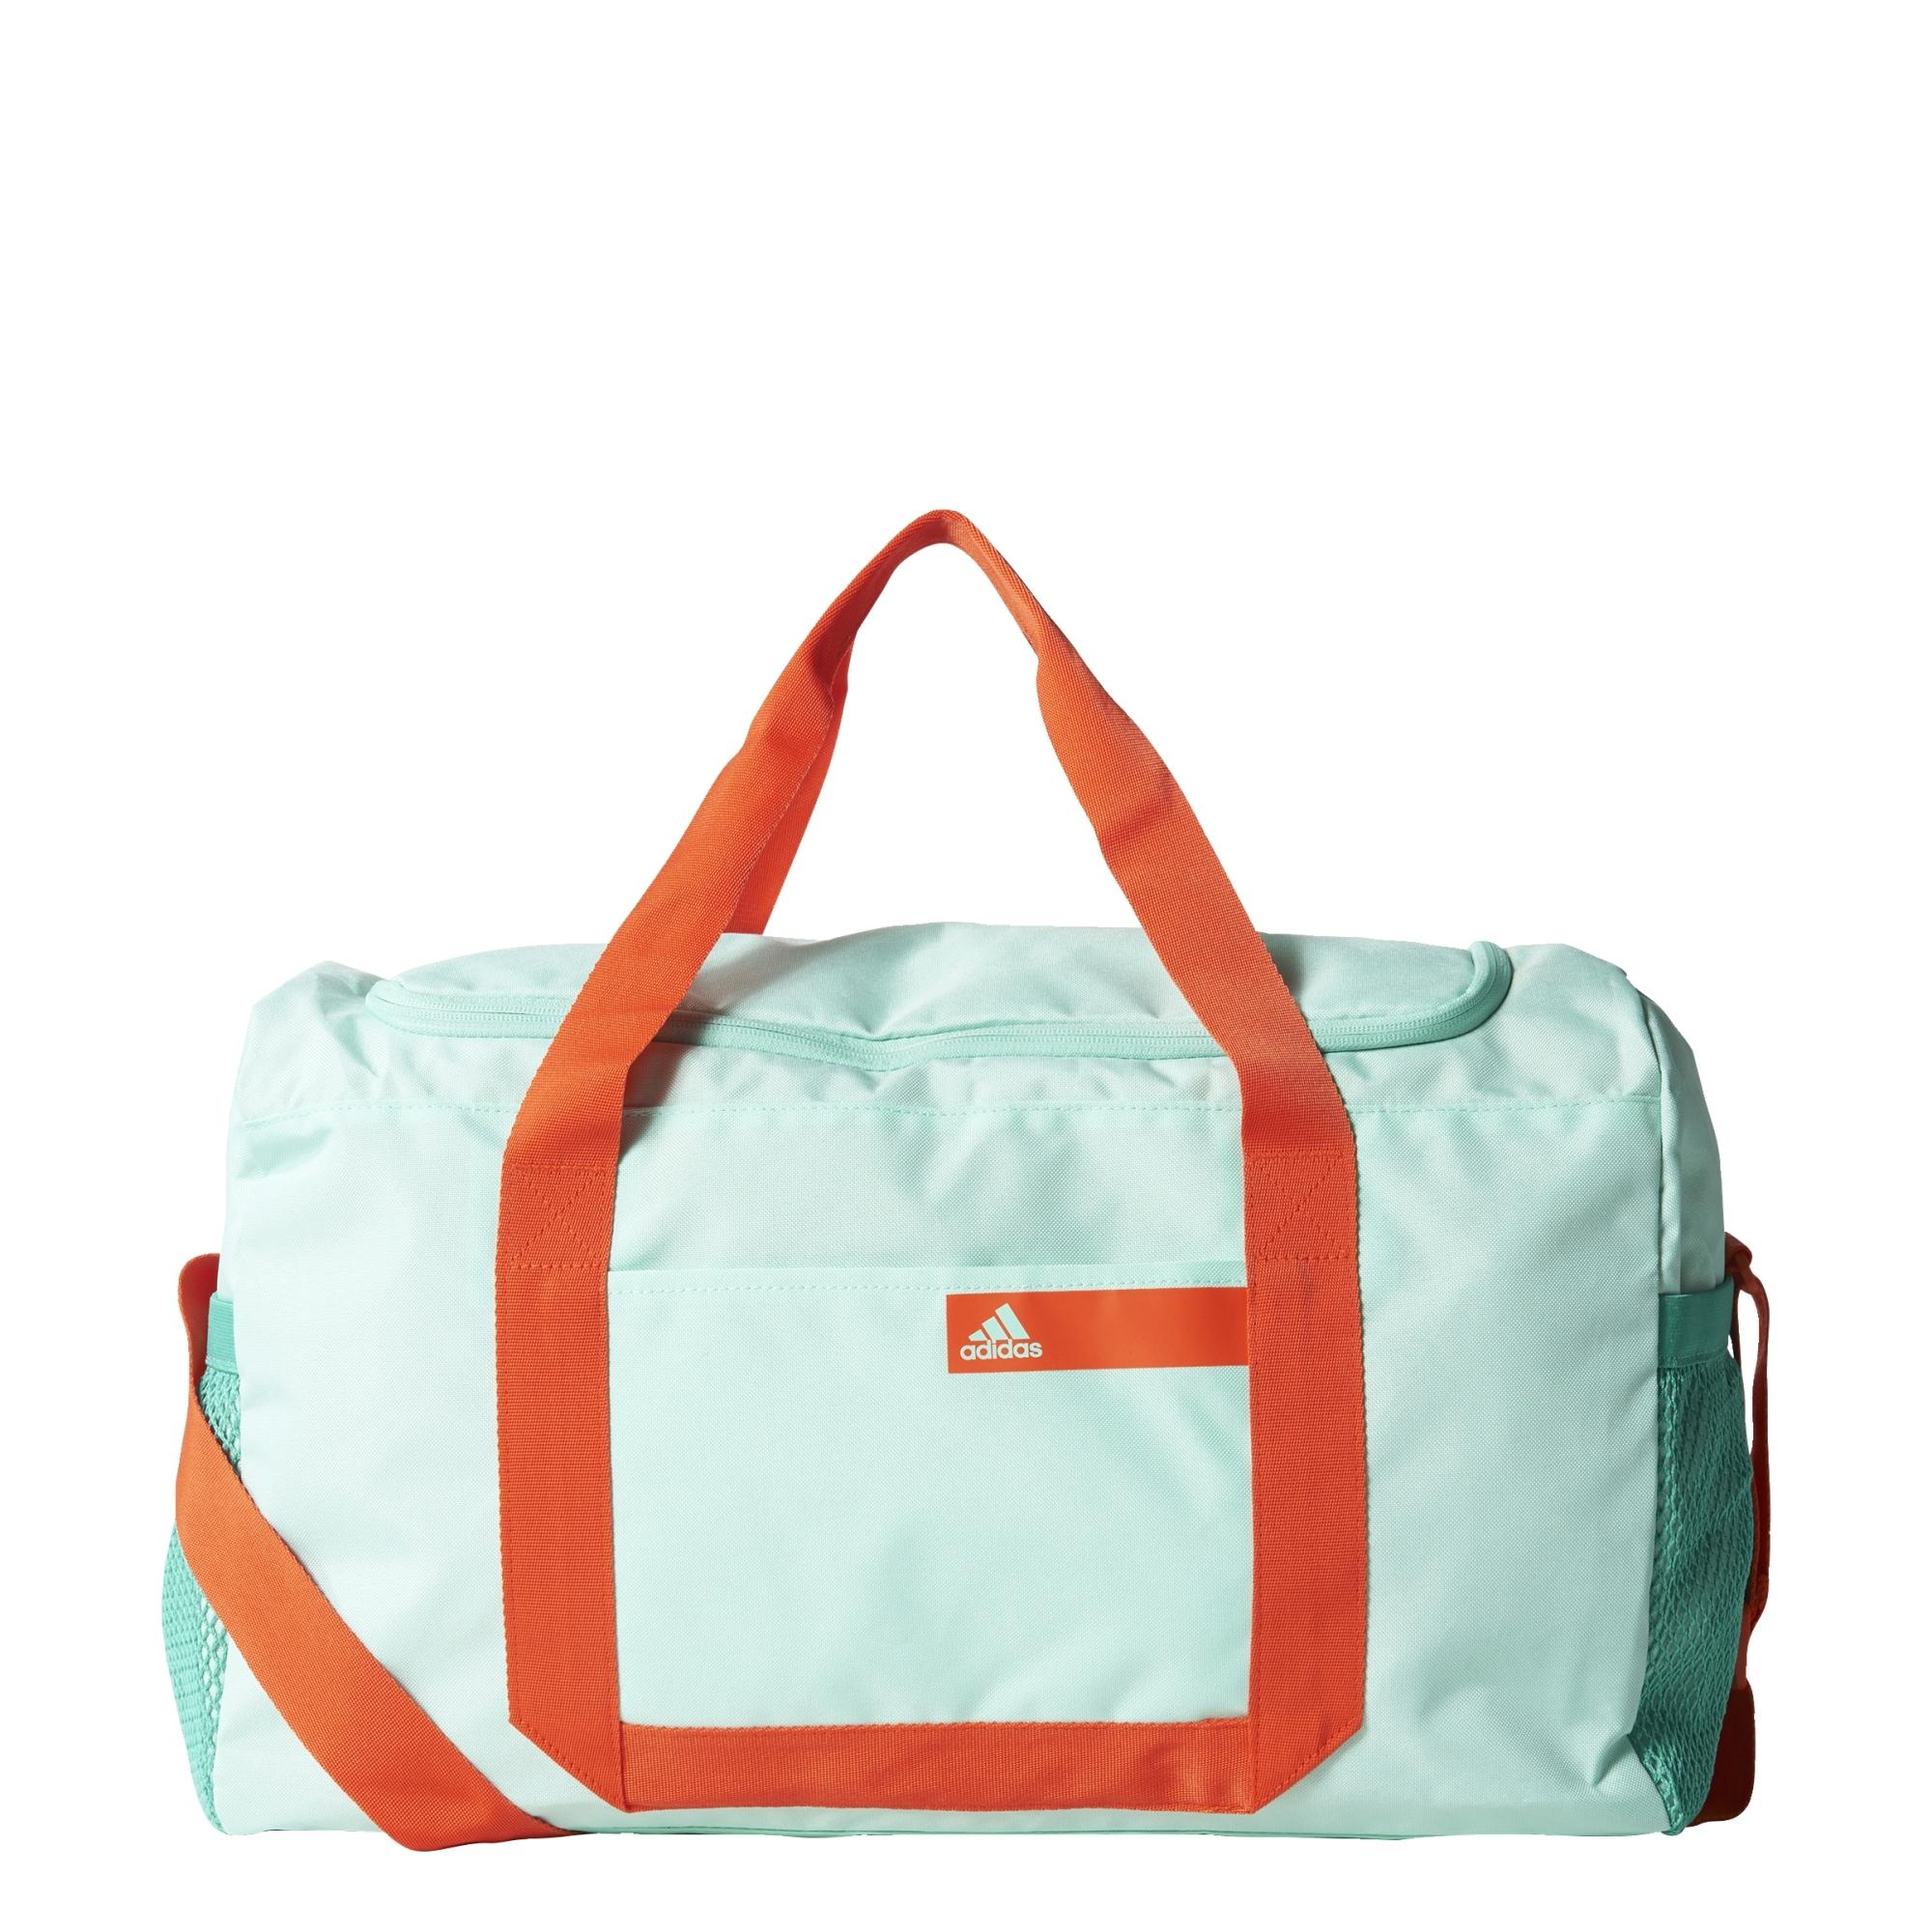 adidas GOOD TB M SOL taška  8f92c42d45b